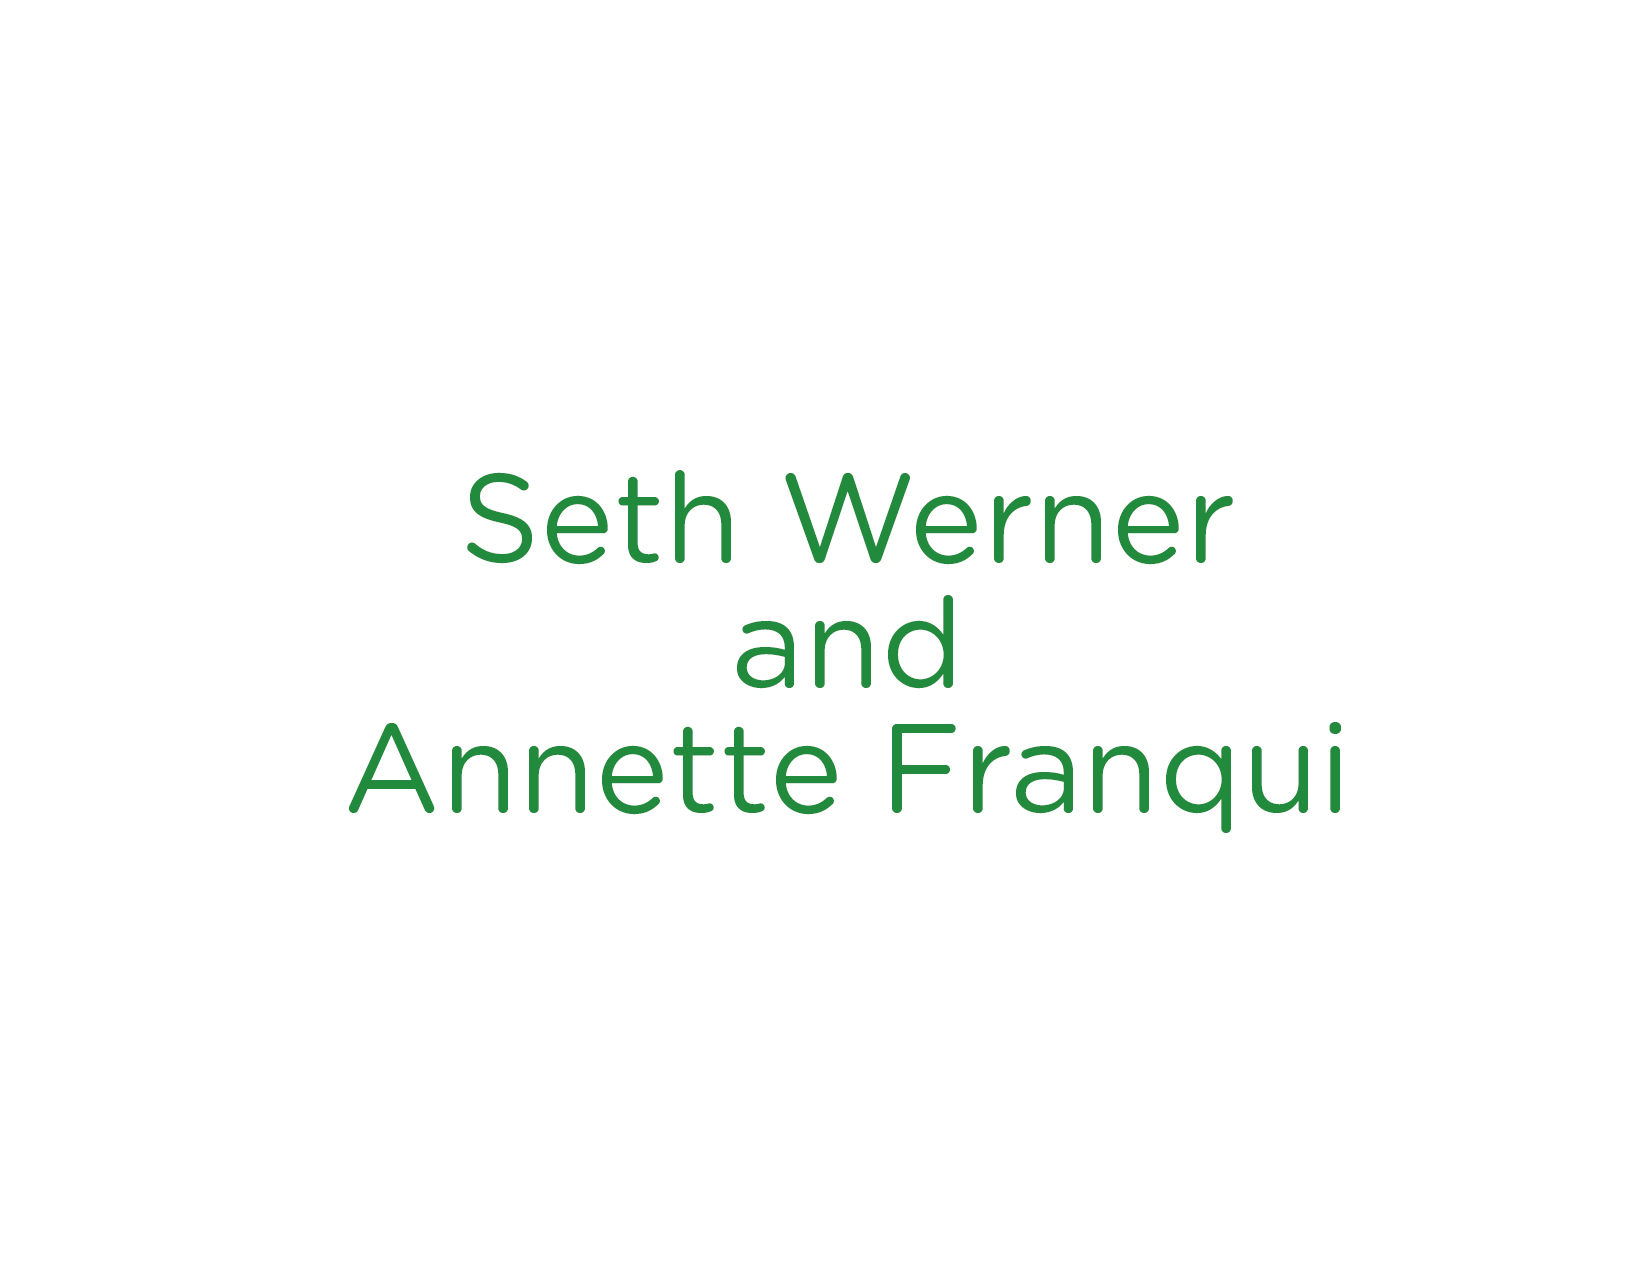 Seth Werner and Annette Franqui